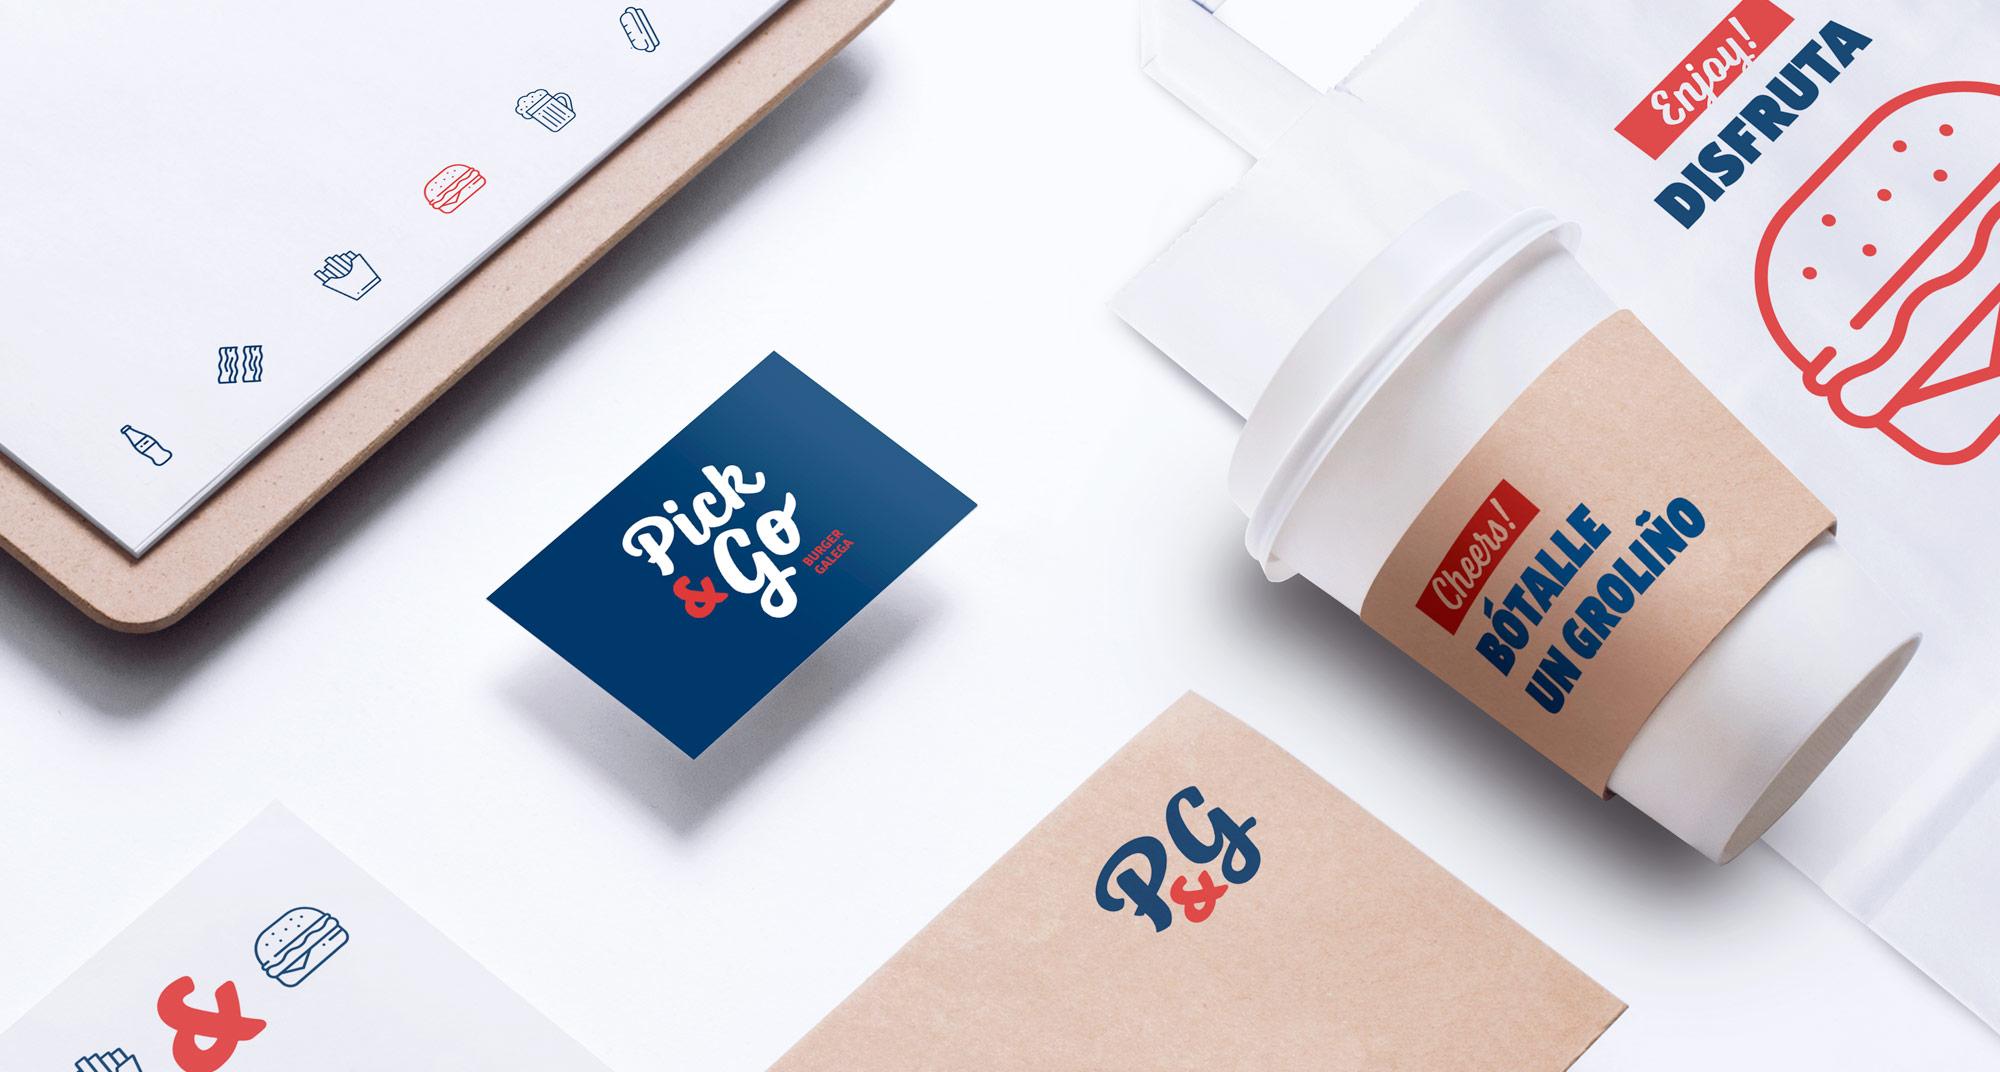 Diseño de las aplicaciones de la marca PickandGo